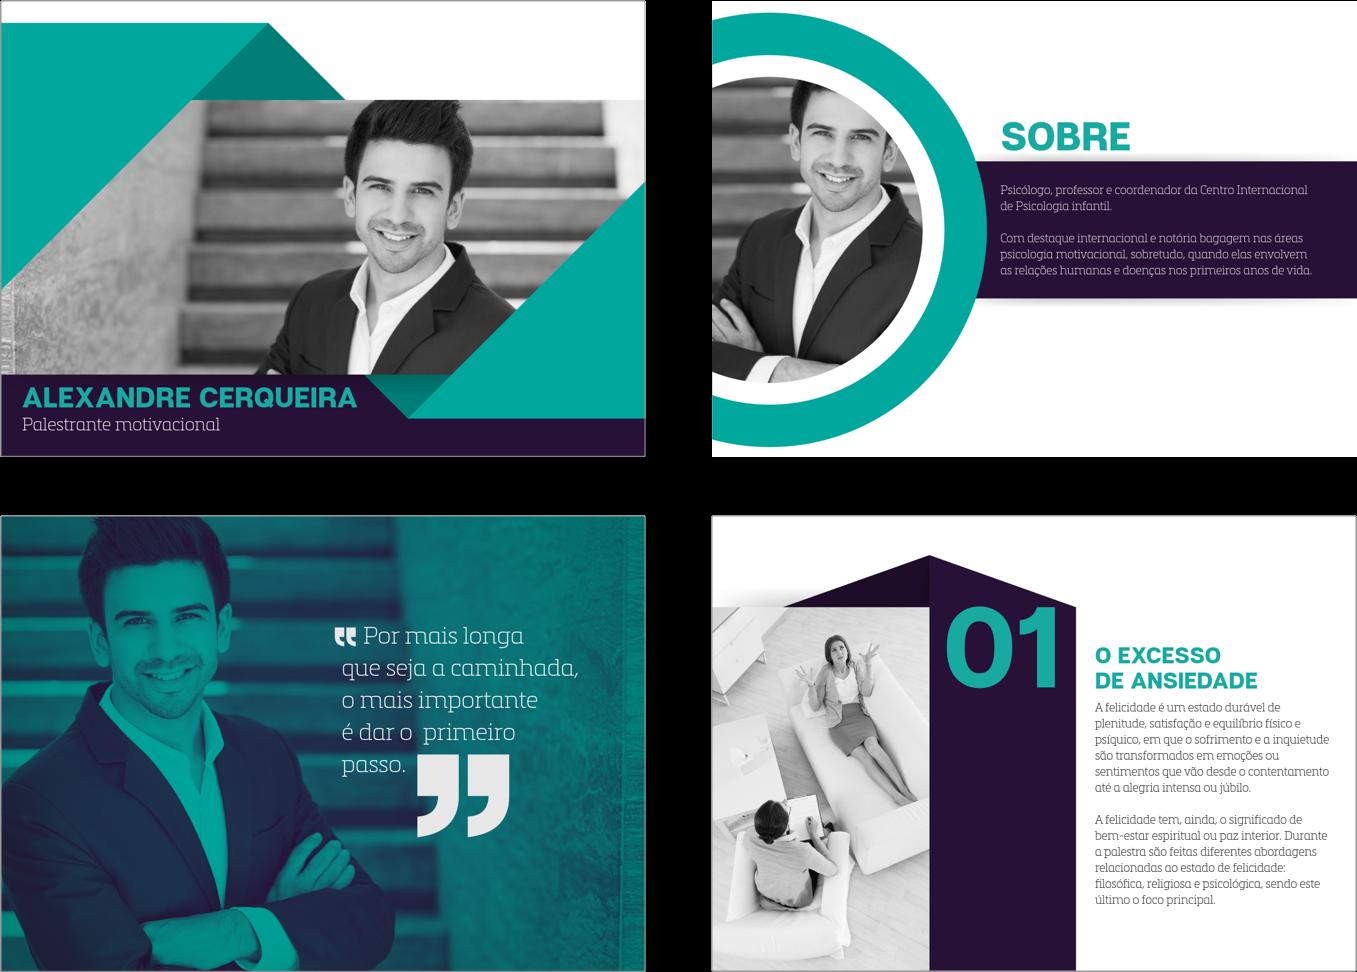 Modelo de slides para apresentação de palestrantes profissionais